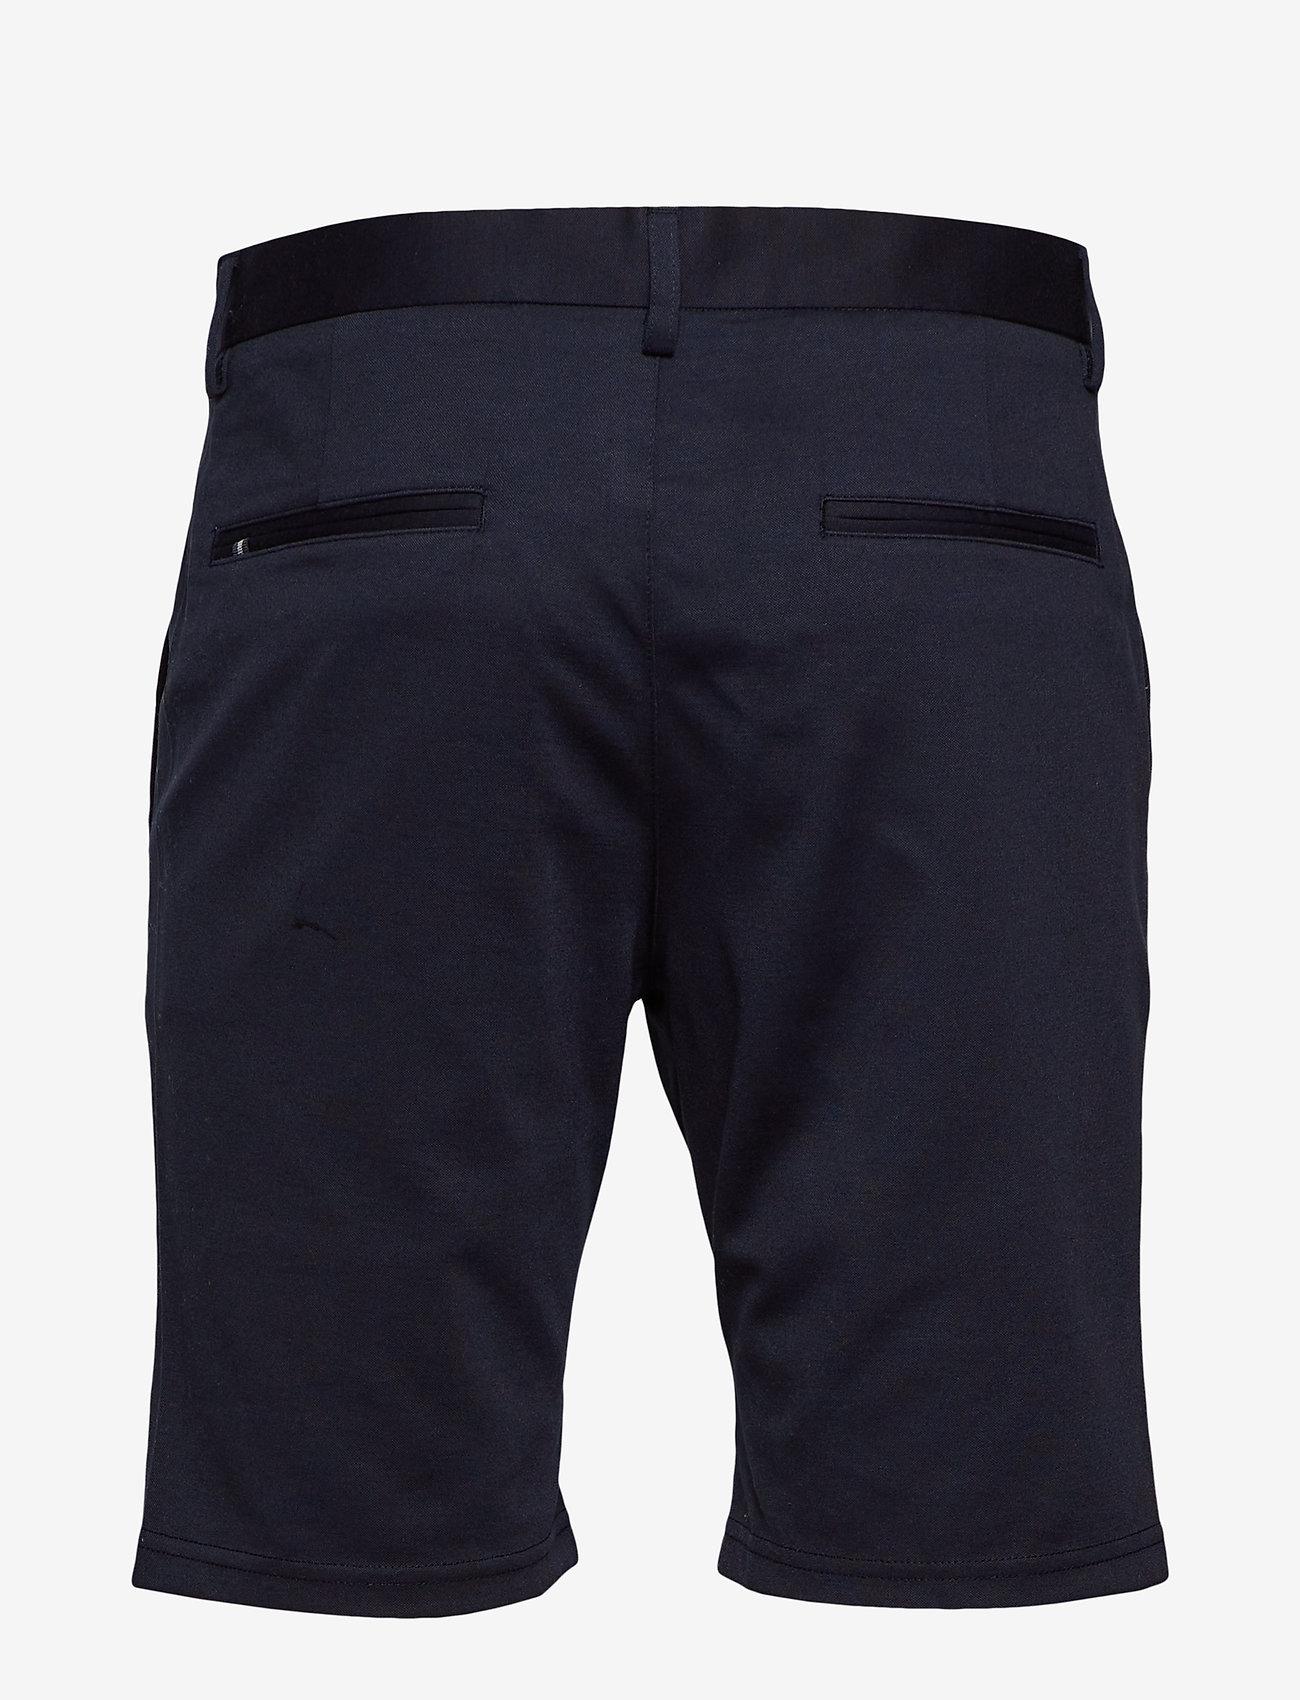 Matinique MApaton SH - Shorts DARK NAVY - Menn Klær